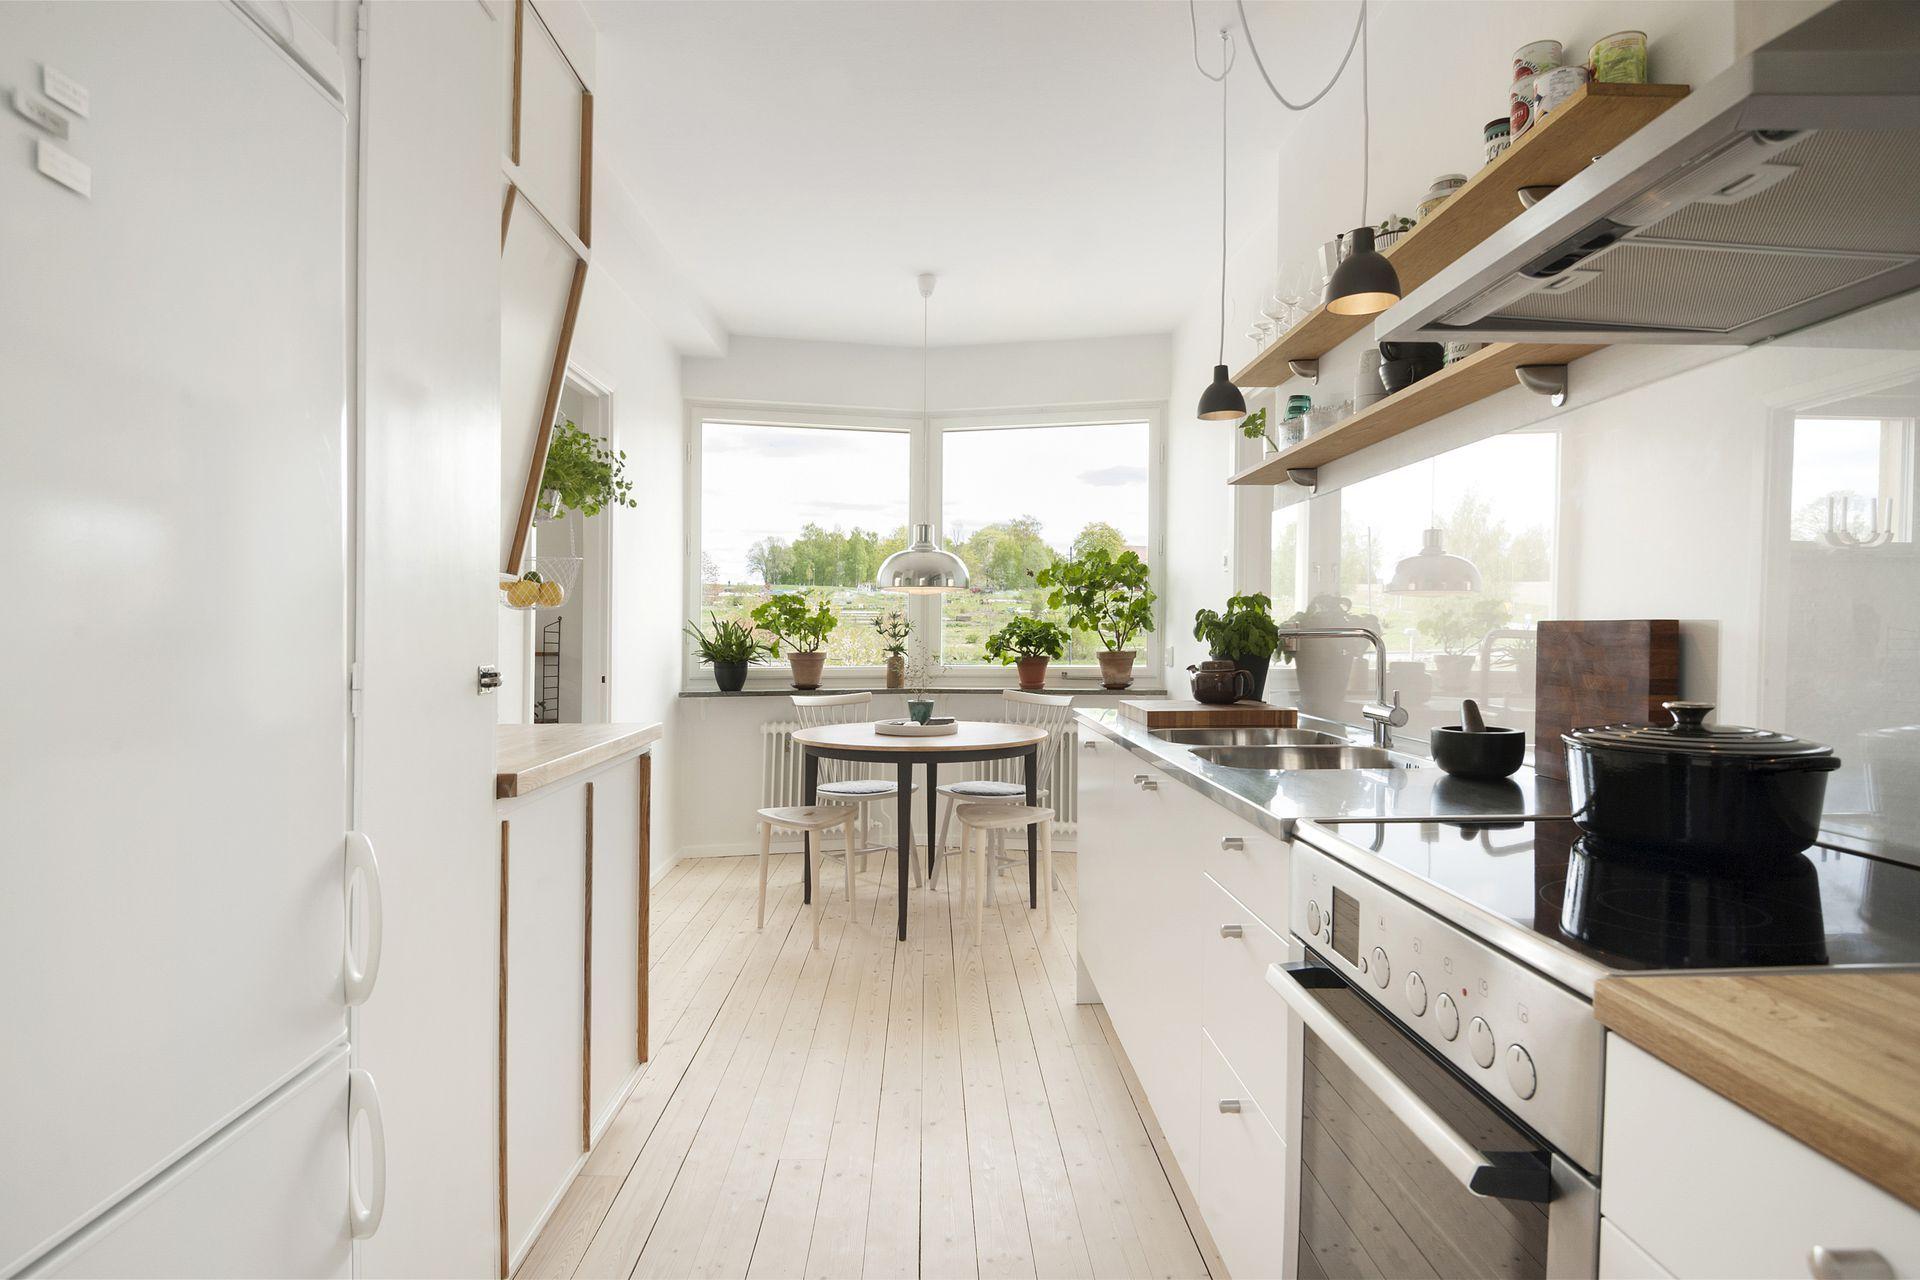 Fint kök. ljust, trä. växter i olika krukor. hemtrevligt. fina ...